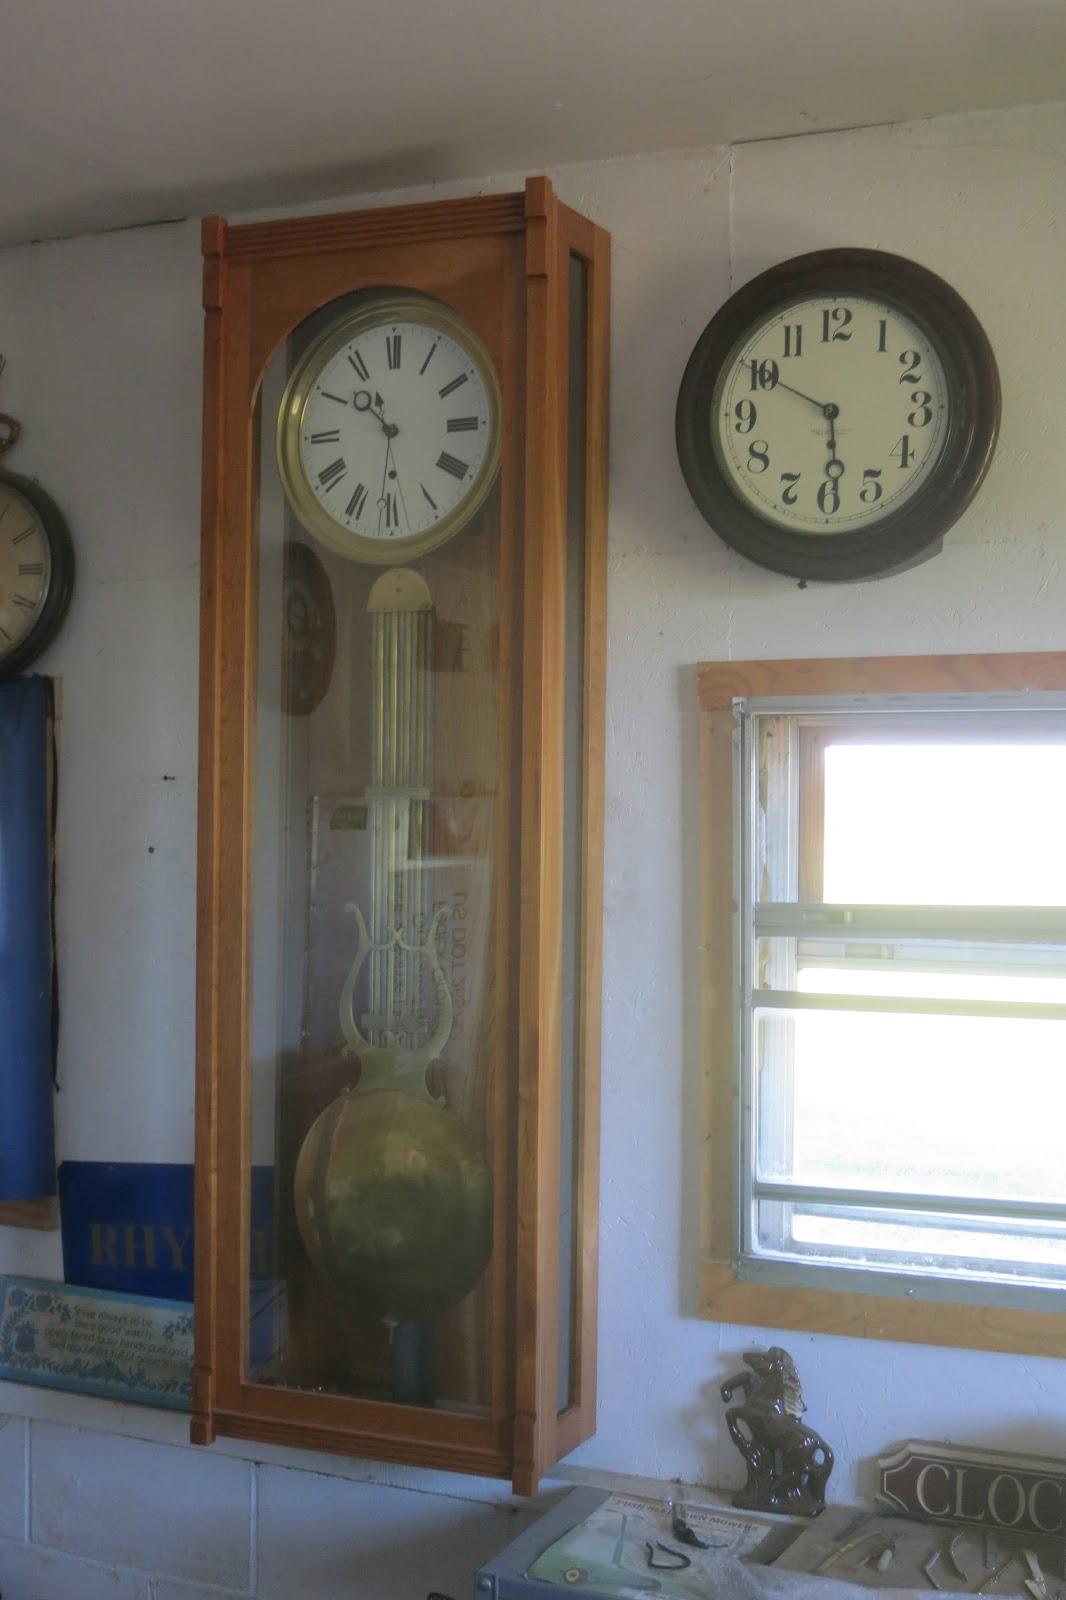 M l shetler amish watchmaker tom the backroads traveller m l shetler amish watchmaker amipublicfo Images